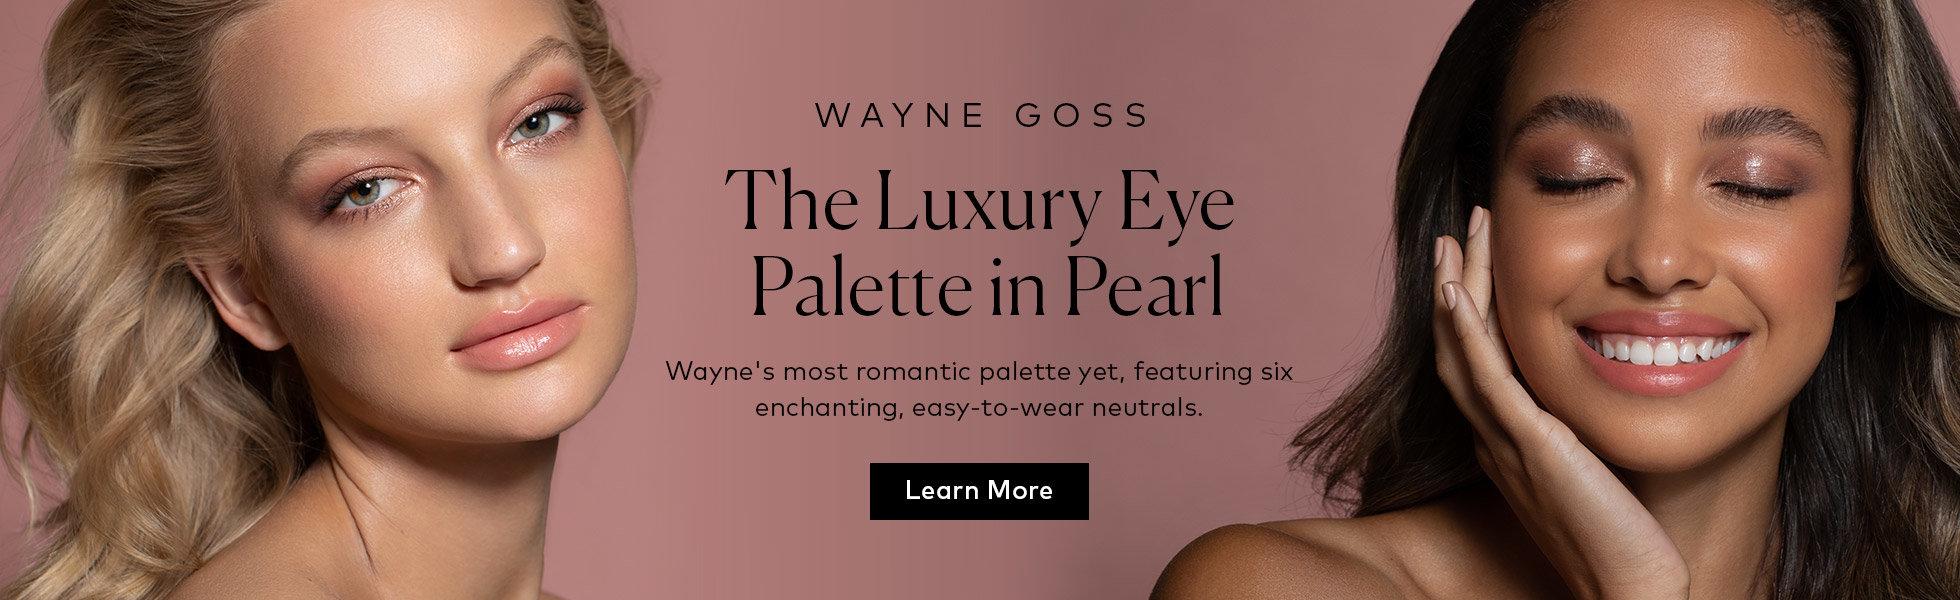 Shop Wayne Goss The Luxury Eye Palette in Pearl on Beautylish.com